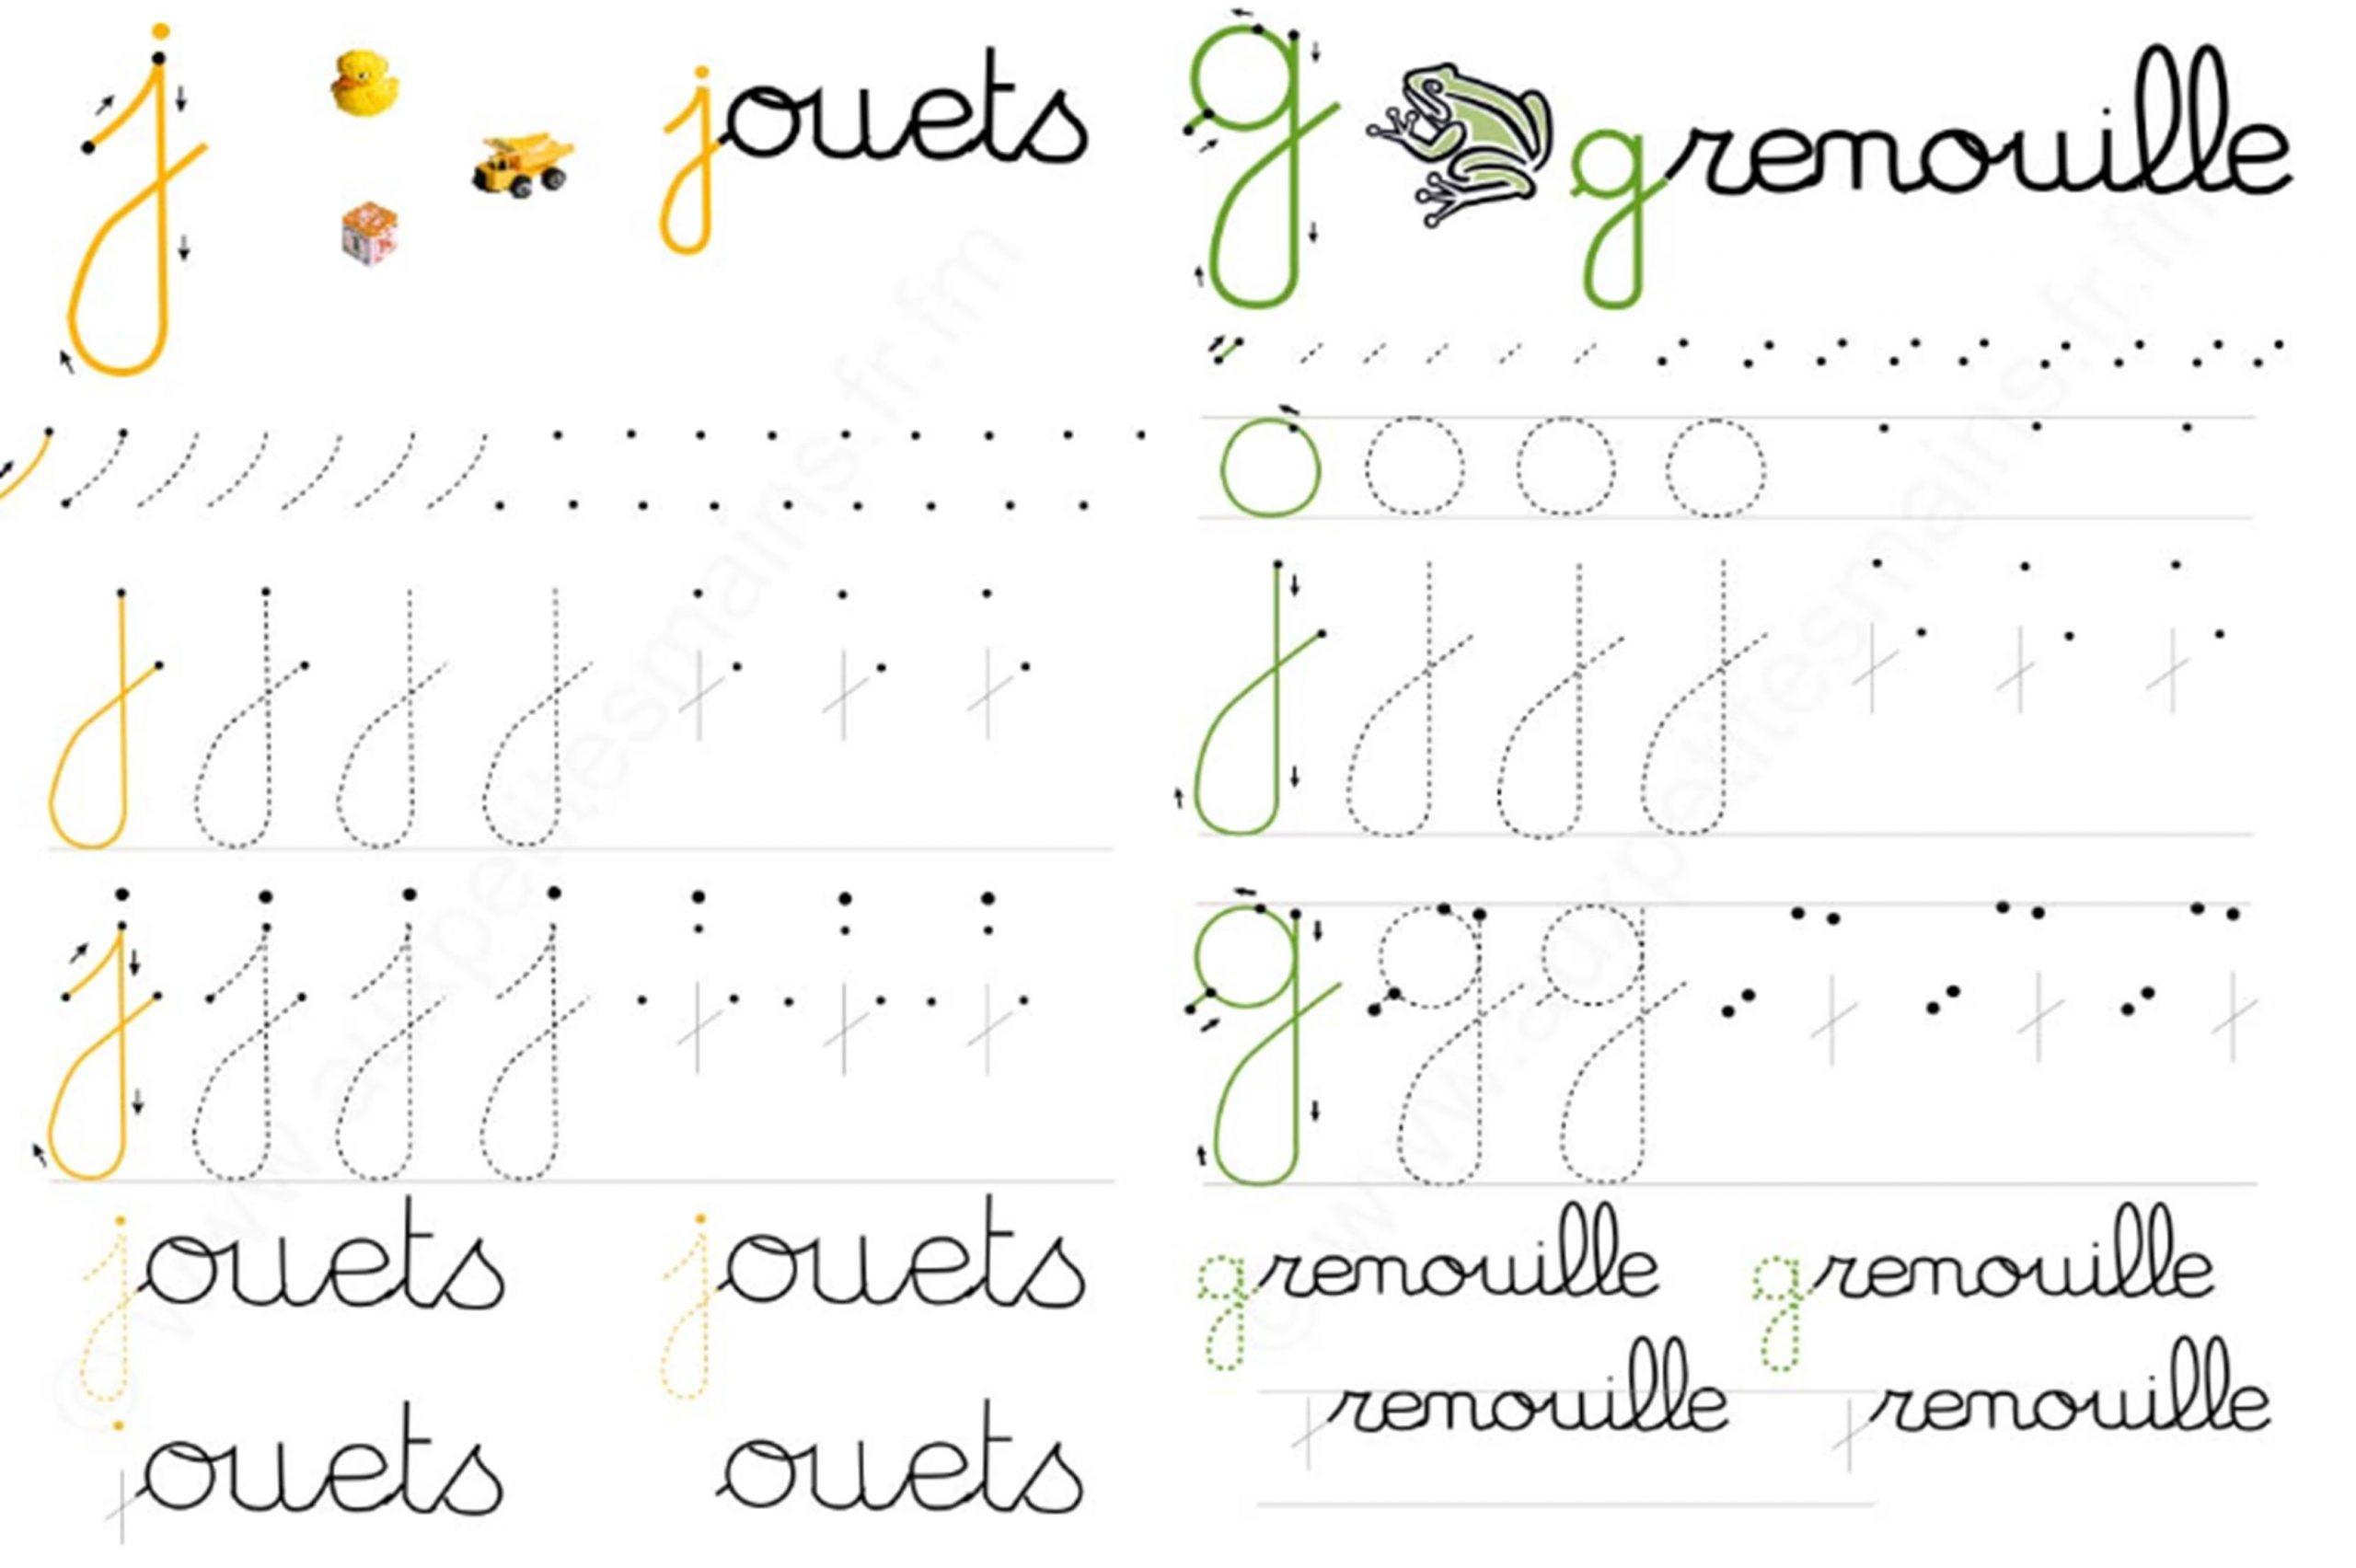 Grande Section | Le Blog De Monsieur Mathieu dedans Exercices Moyenne Section Maternelle Pdf